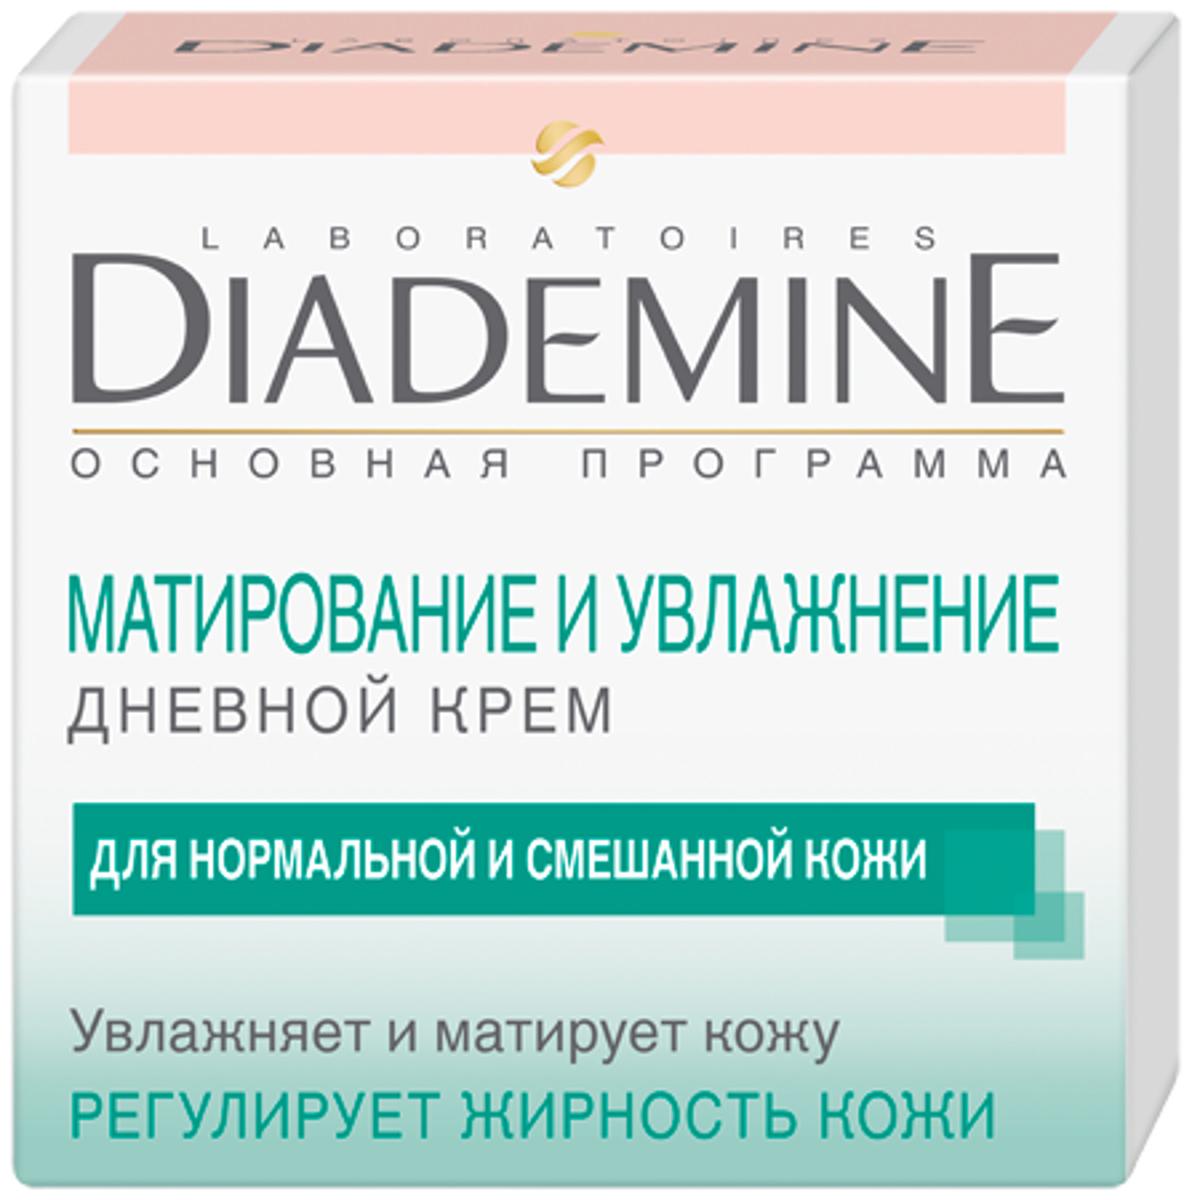 Diademine Крем дневной Матирование и увлажнение, для нормальной и смешанной кожи, 50 мл9430750Формула крема обеспечивает увлажнение и матирующий эффект для равномерногоцвета лица без нежелательного блеска. Балансирующий комплекс матирует жирные участки кожи, помогает им восстановить естественный баланс. Формула с витамином Е проникает